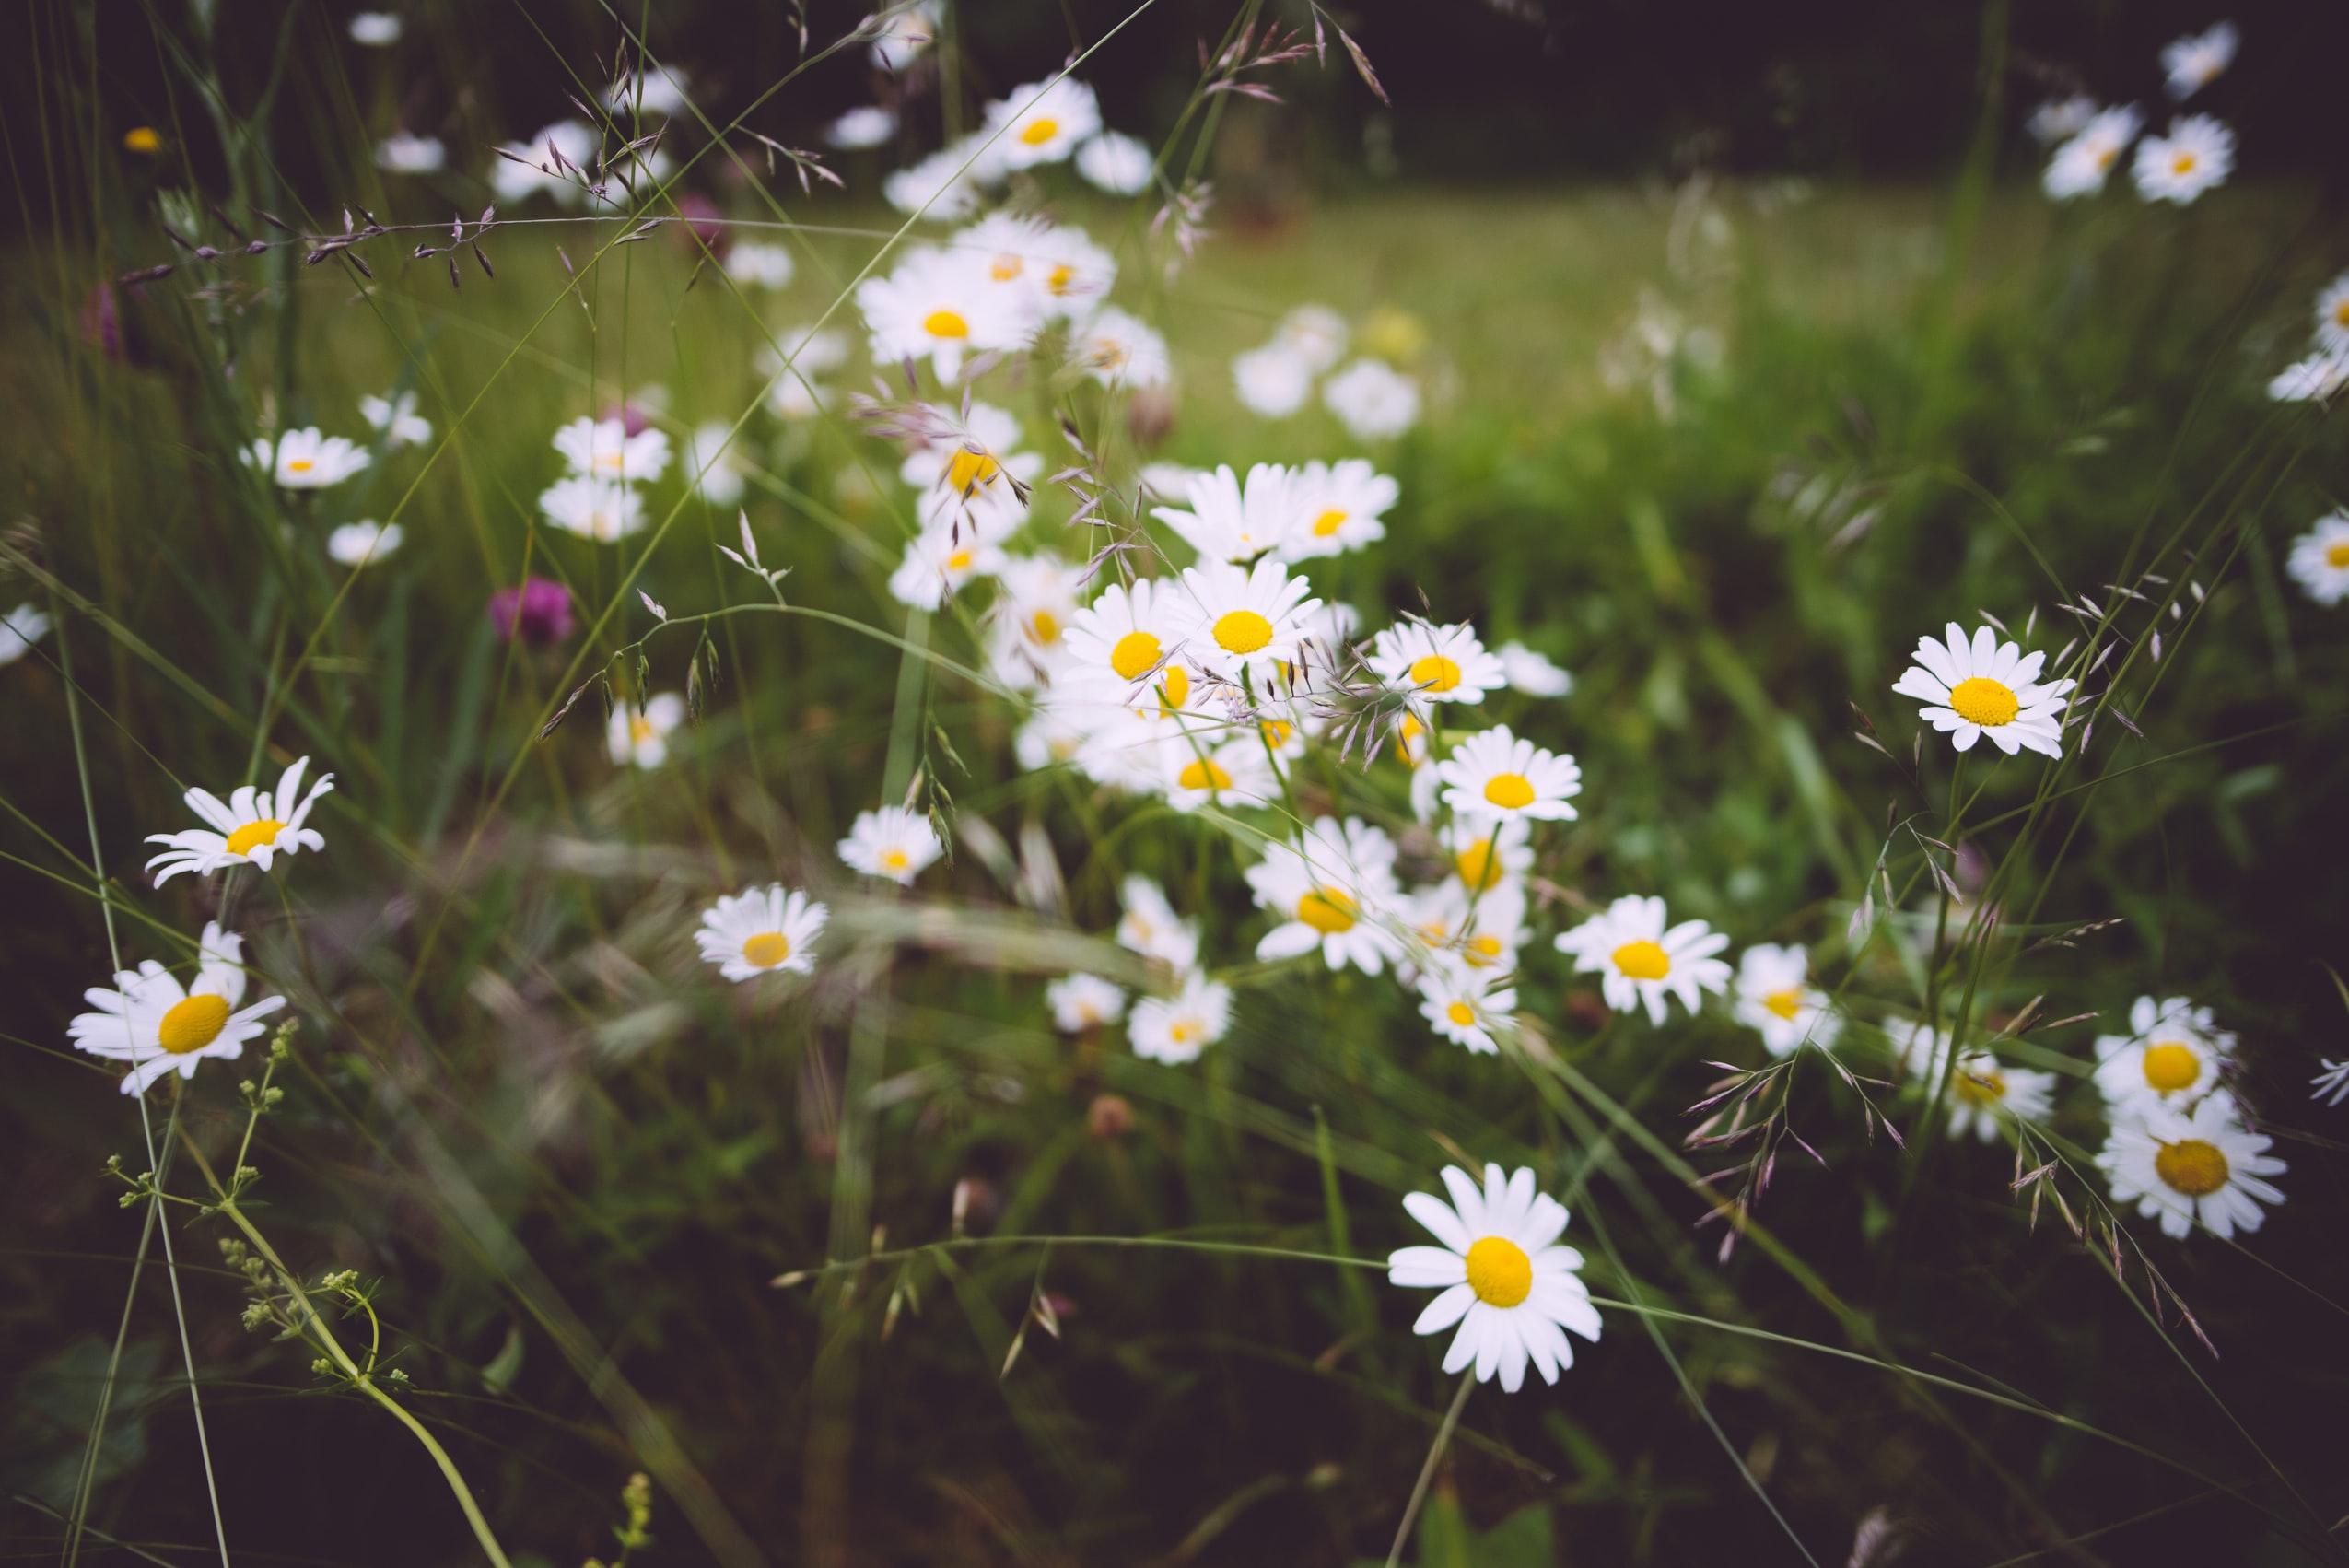 en av 5 saker att göra i trädgården i juni kan vara att odla prästkragar